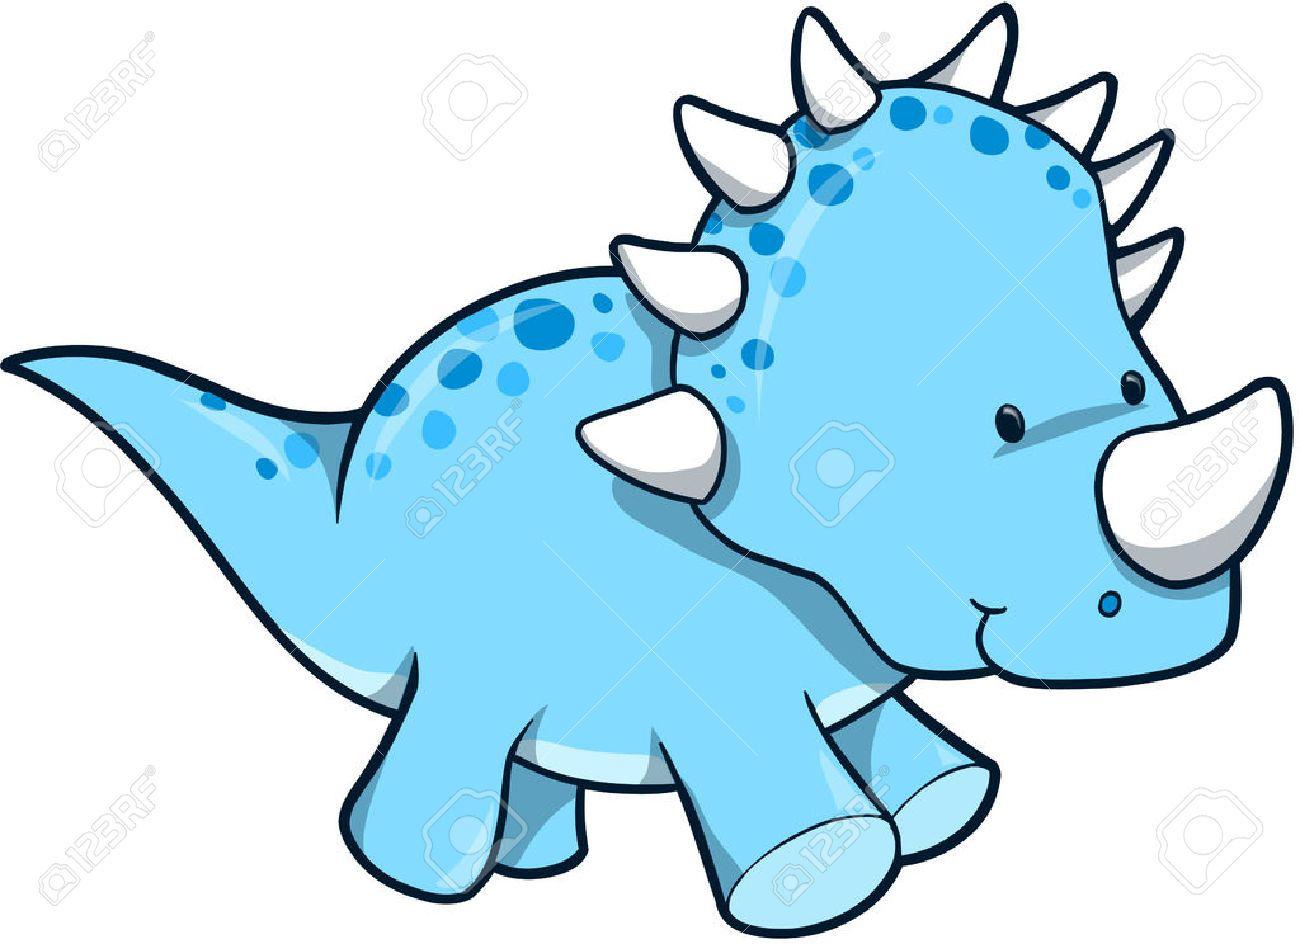 hight resolution of blue dinosaur vector illustration royalty free cliparts vectors